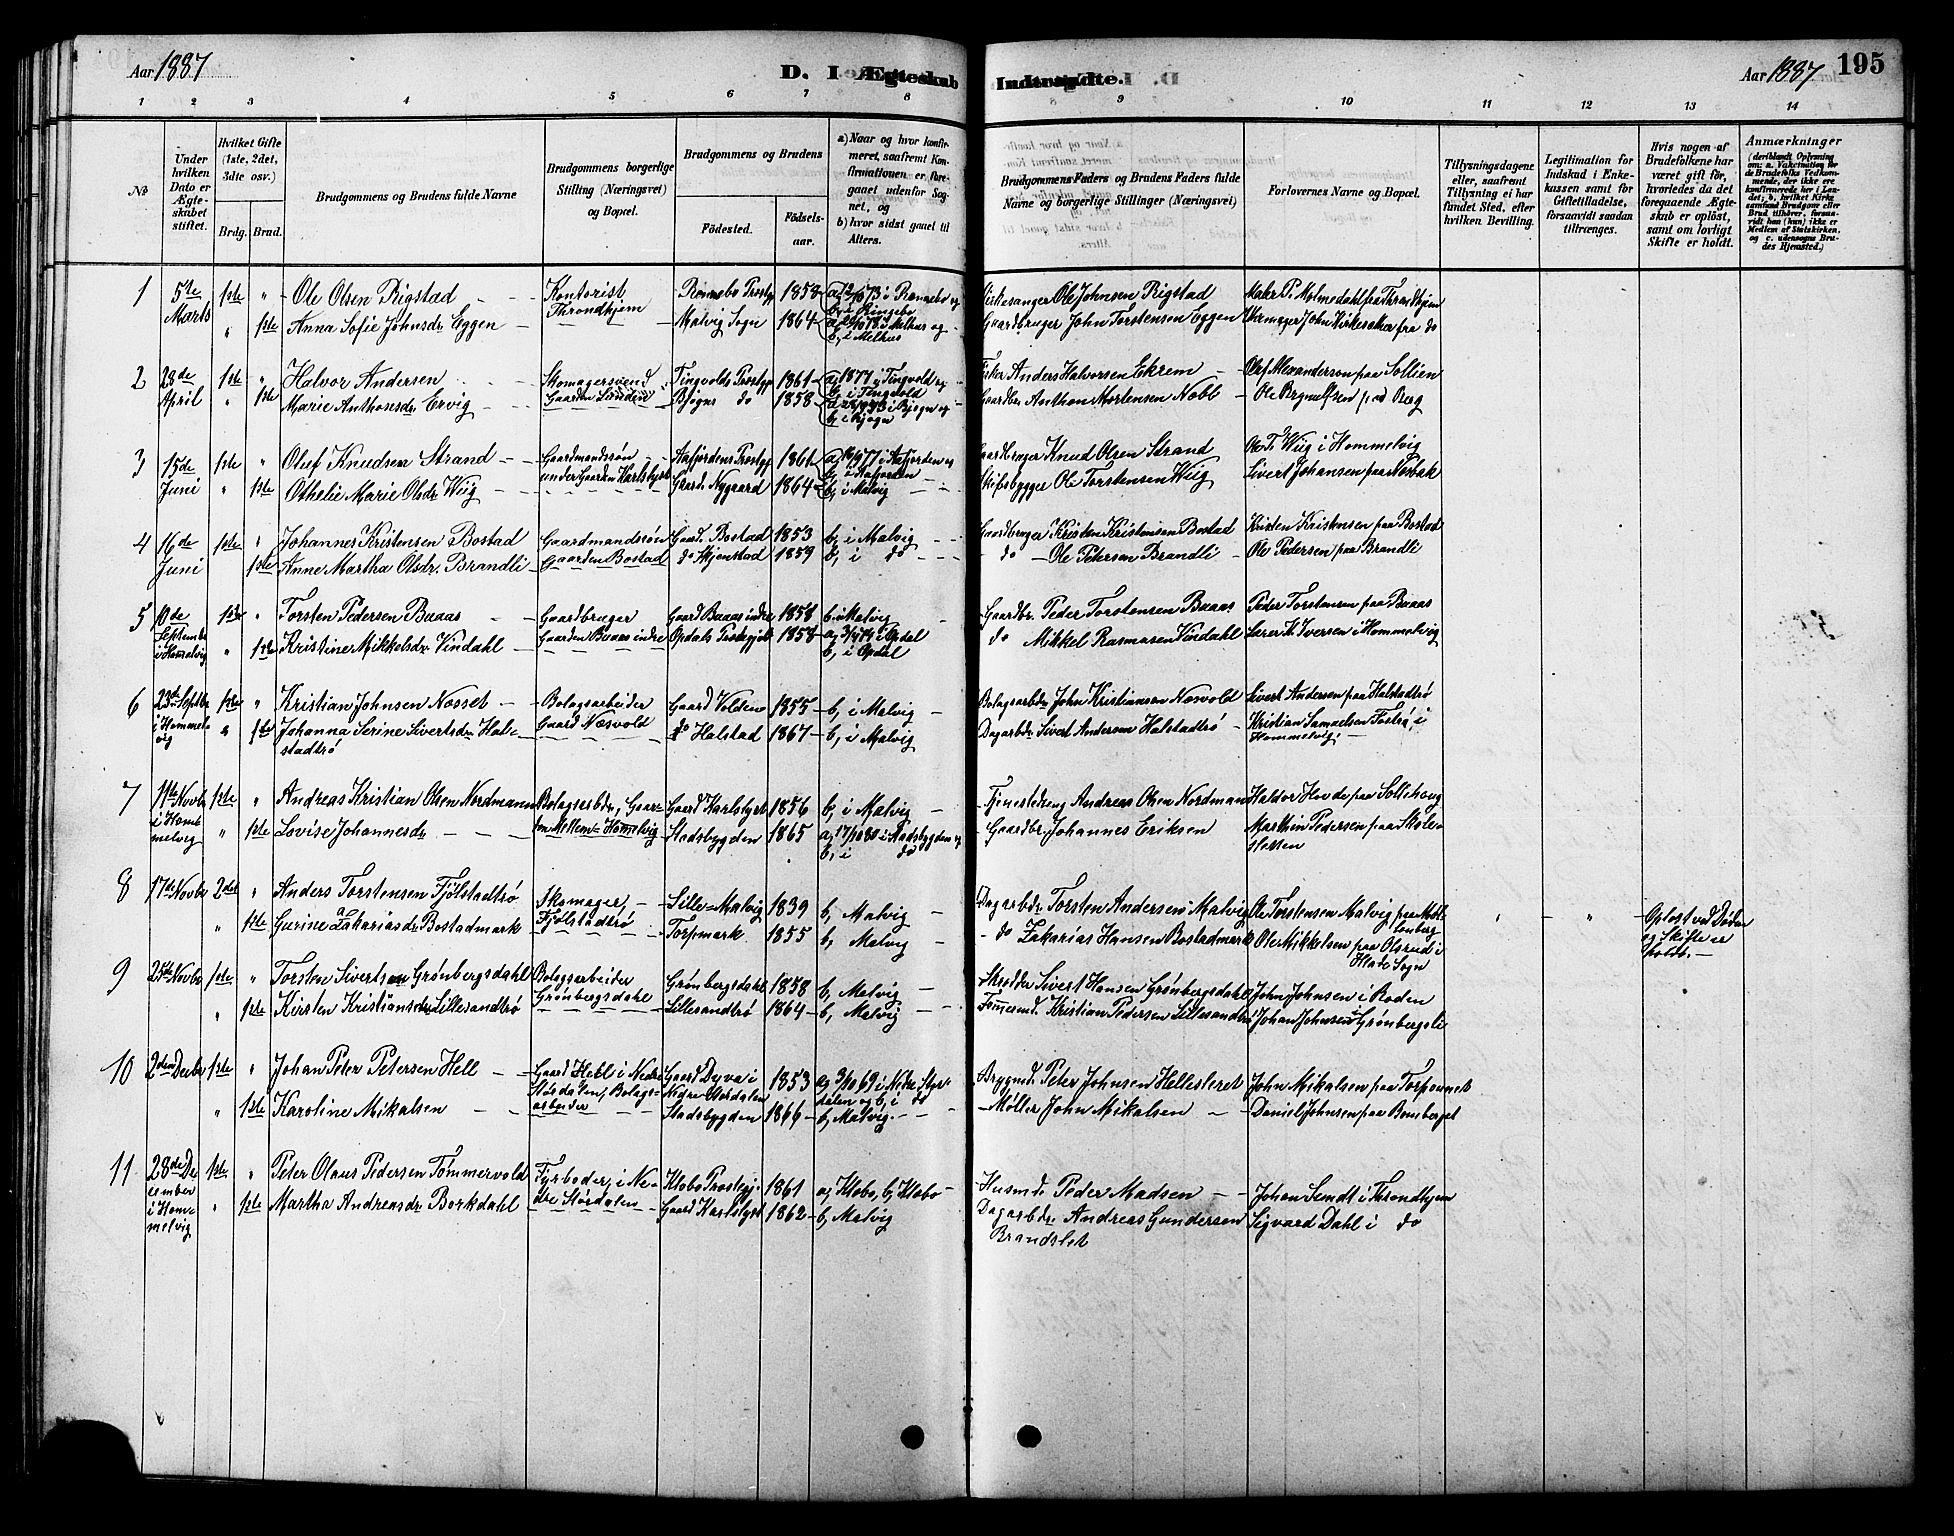 SAT, Ministerialprotokoller, klokkerbøker og fødselsregistre - Sør-Trøndelag, 616/L0423: Klokkerbok nr. 616C06, 1878-1903, s. 195